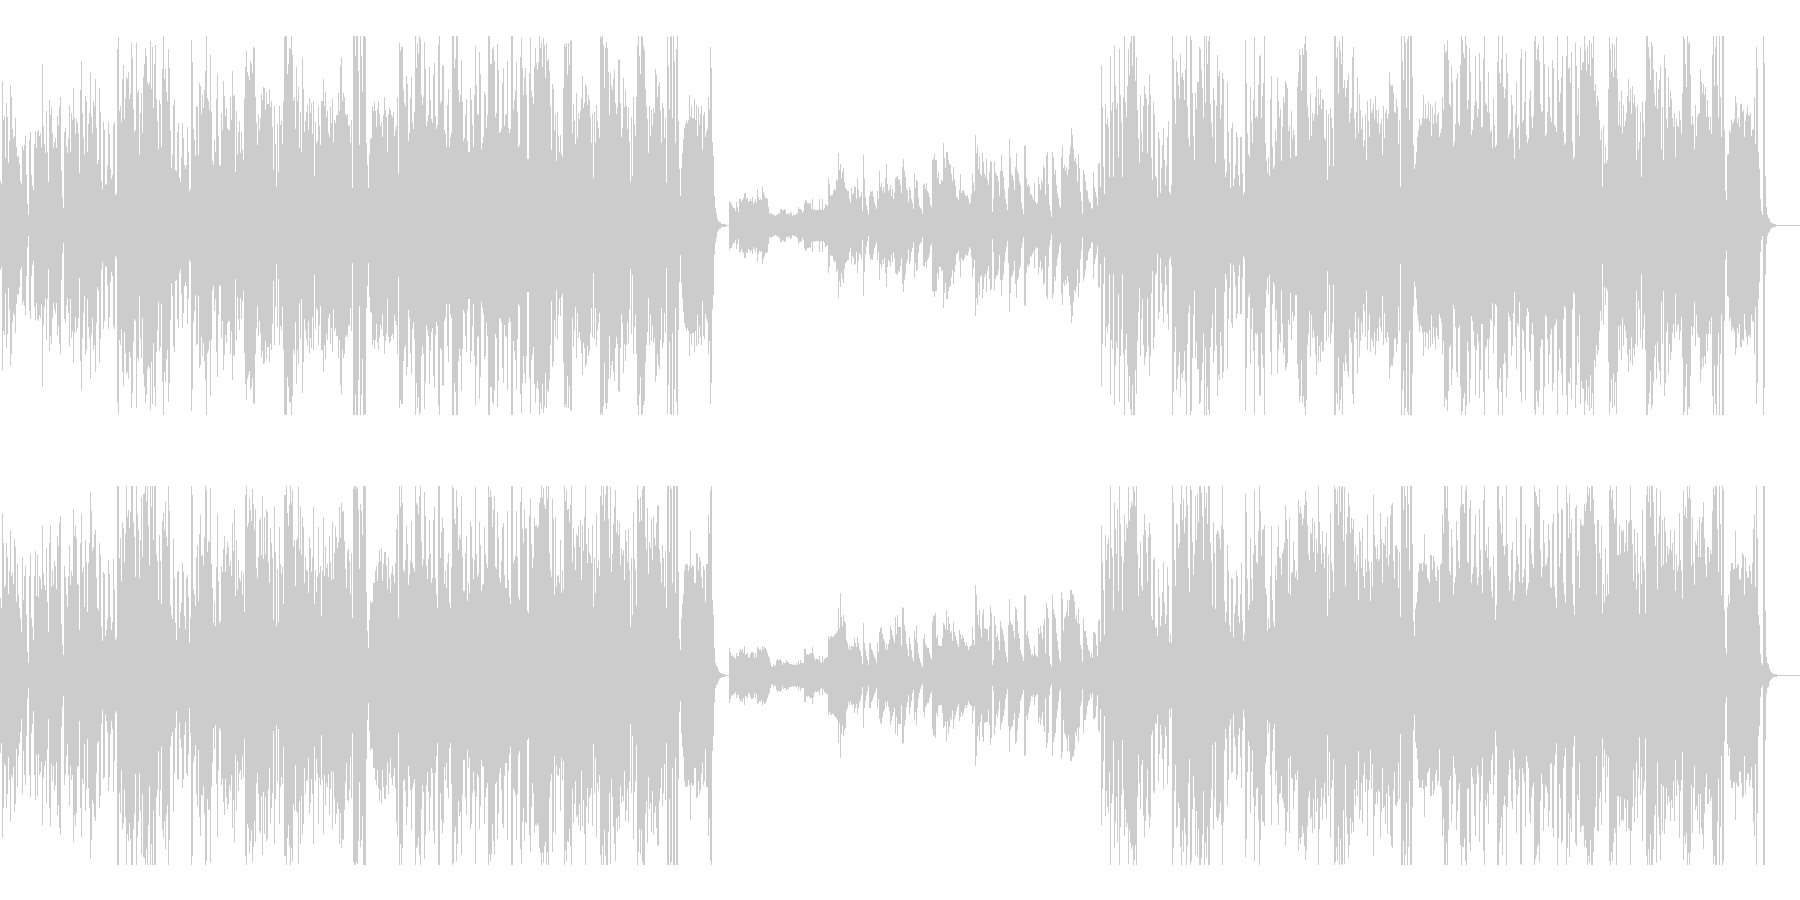 速弾きピアノ 高速 優雅 ジャズ の未再生の波形